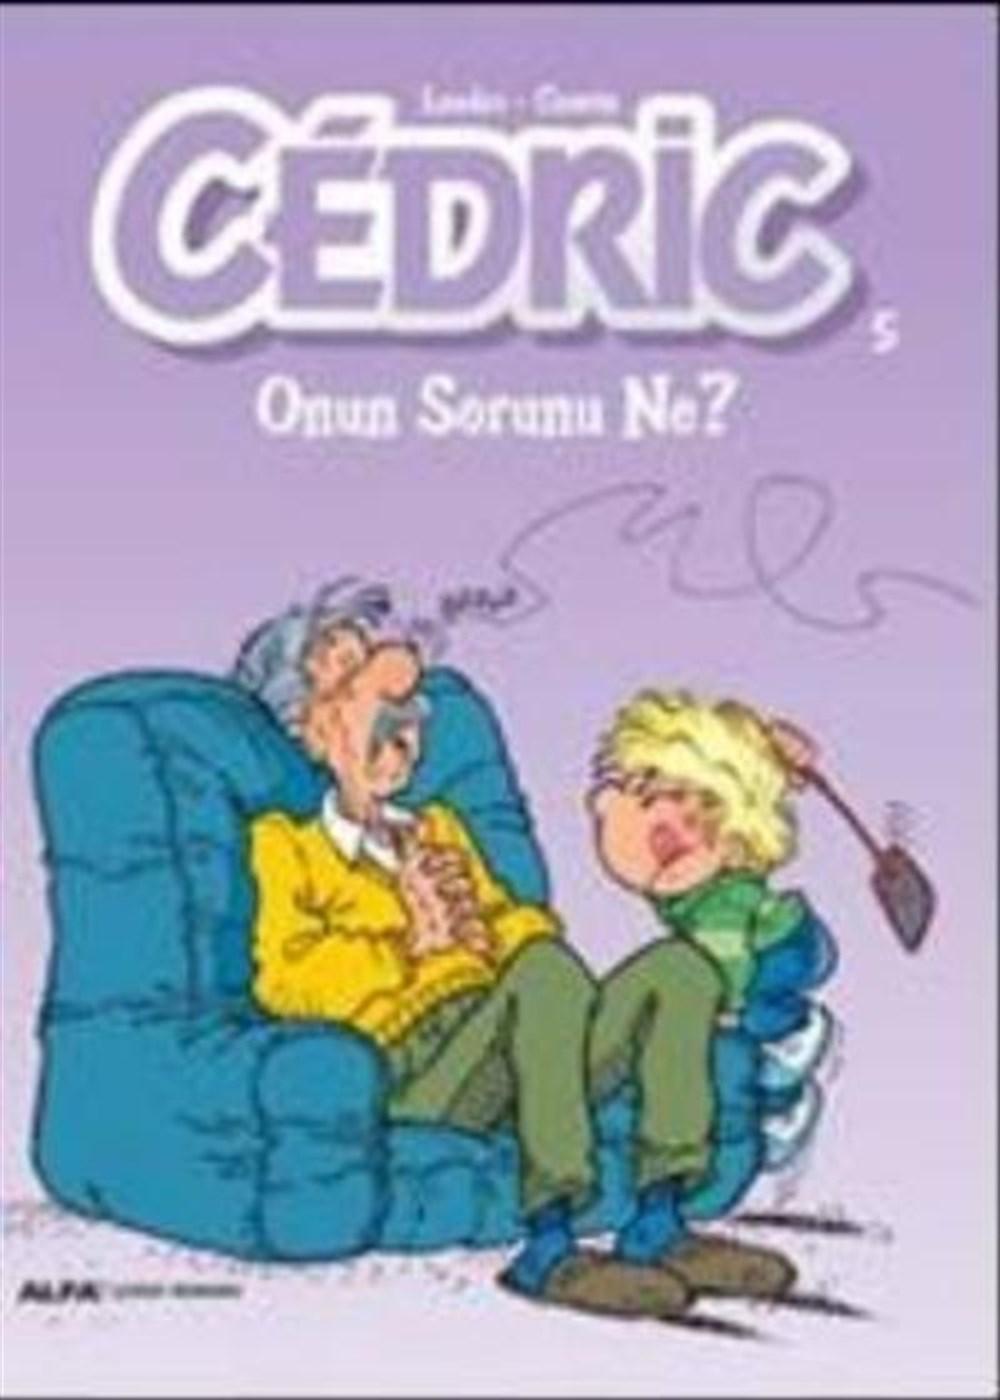 Cedric 5 - Onun Sorunu Ne?